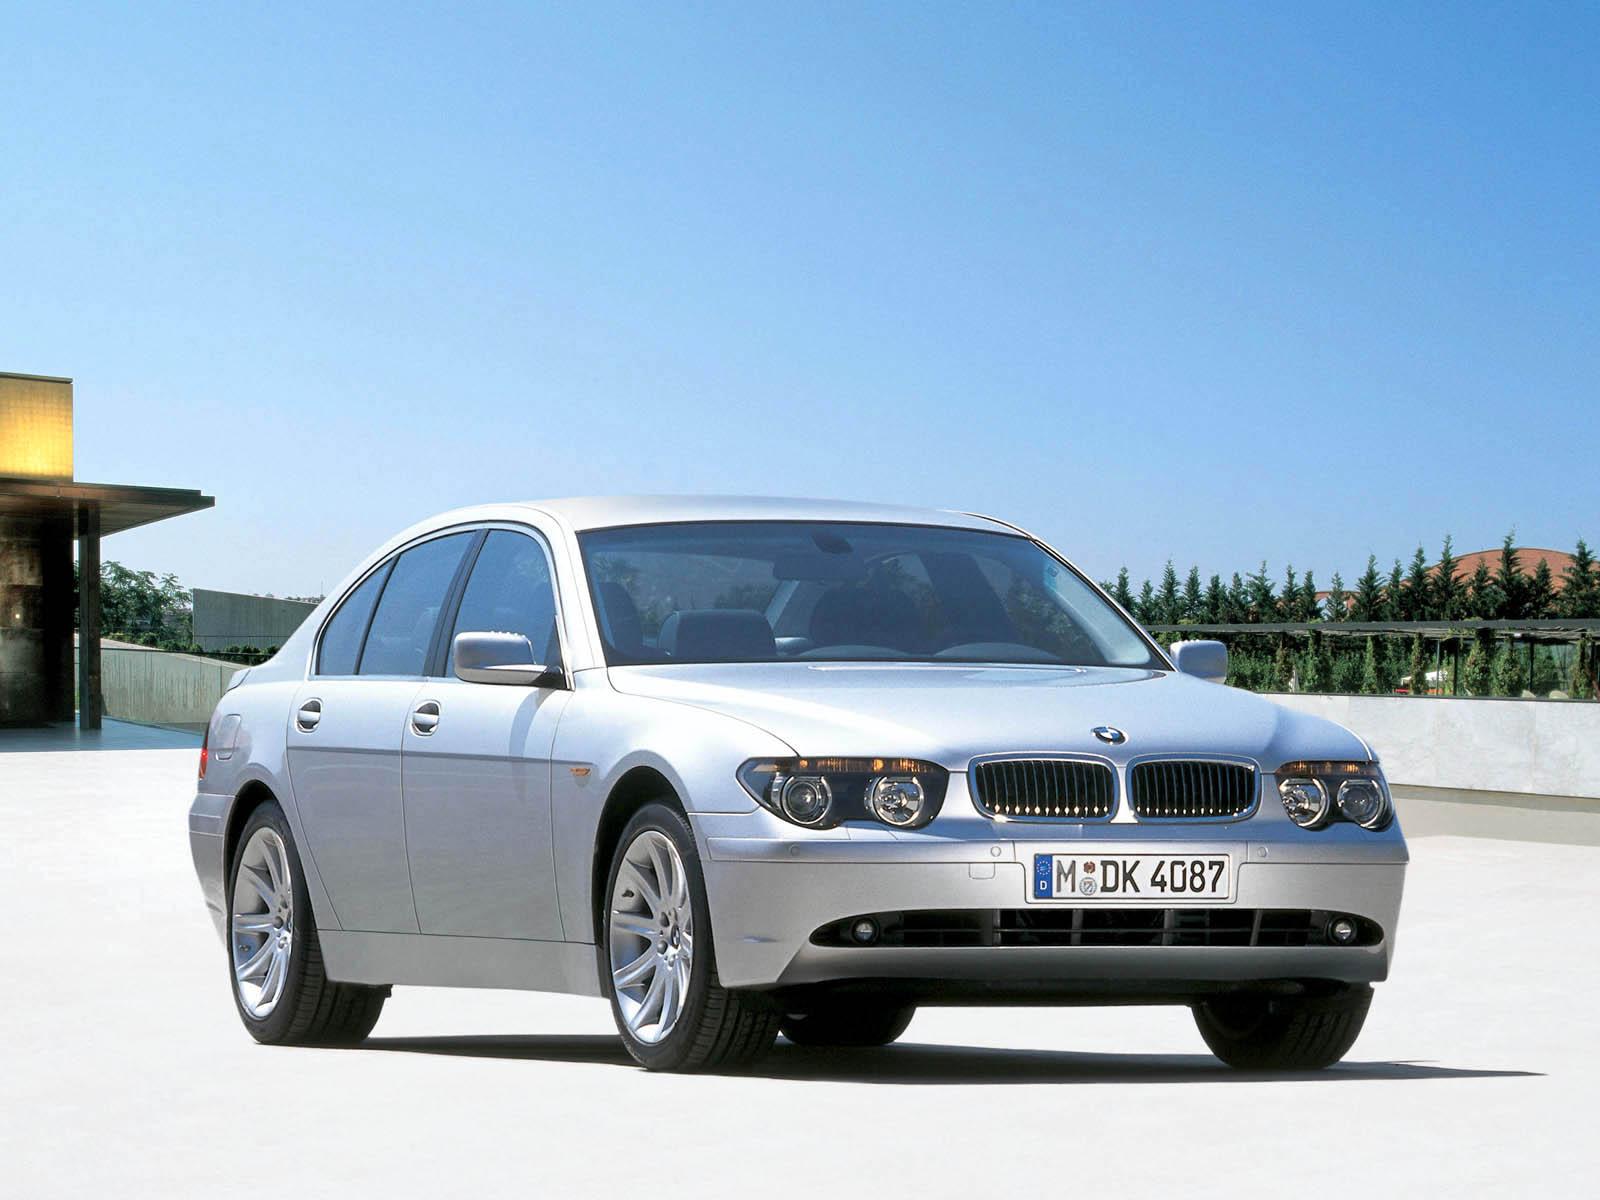 BMW Series E BMW Series Pinterest BMW Bmw S And - 2002 bmw 750